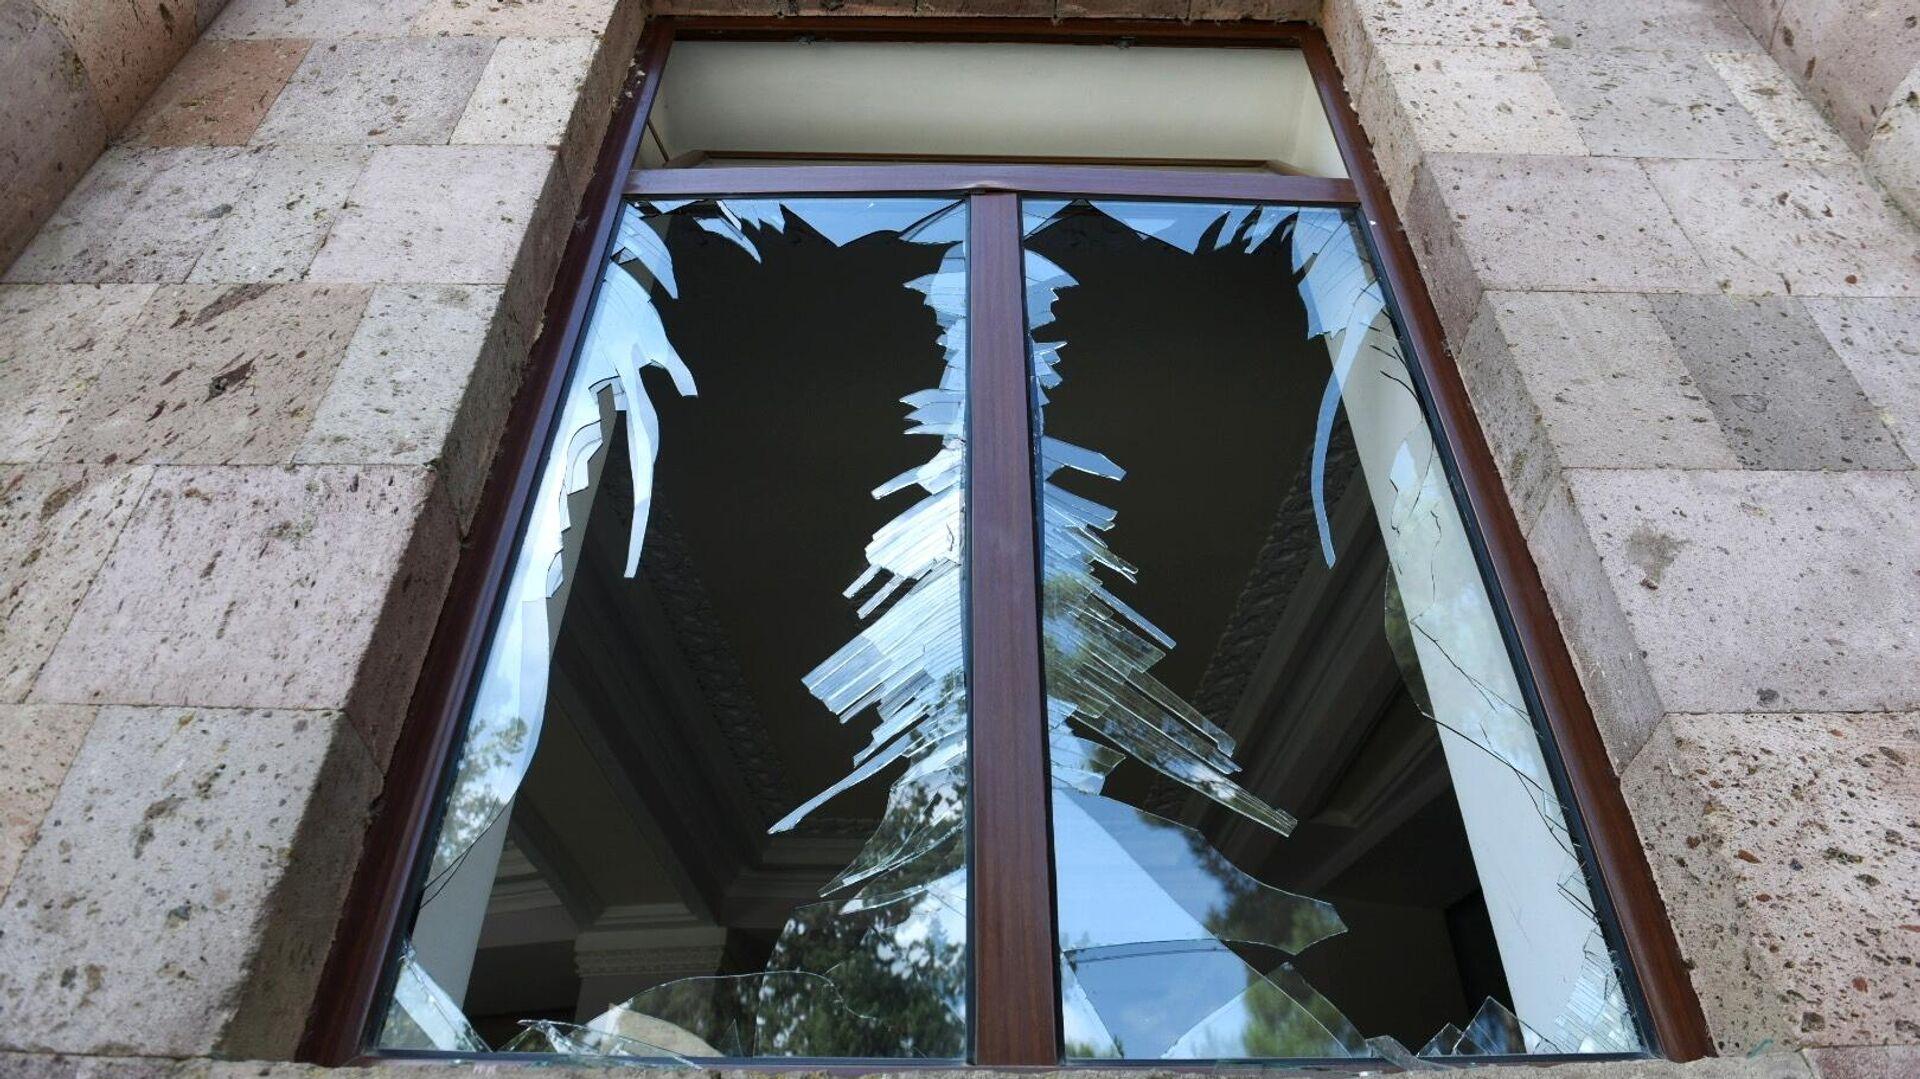 Разбитые стекла в здании после обстрелов в городе Мартуни - РИА Новости, 1920, 02.10.2020